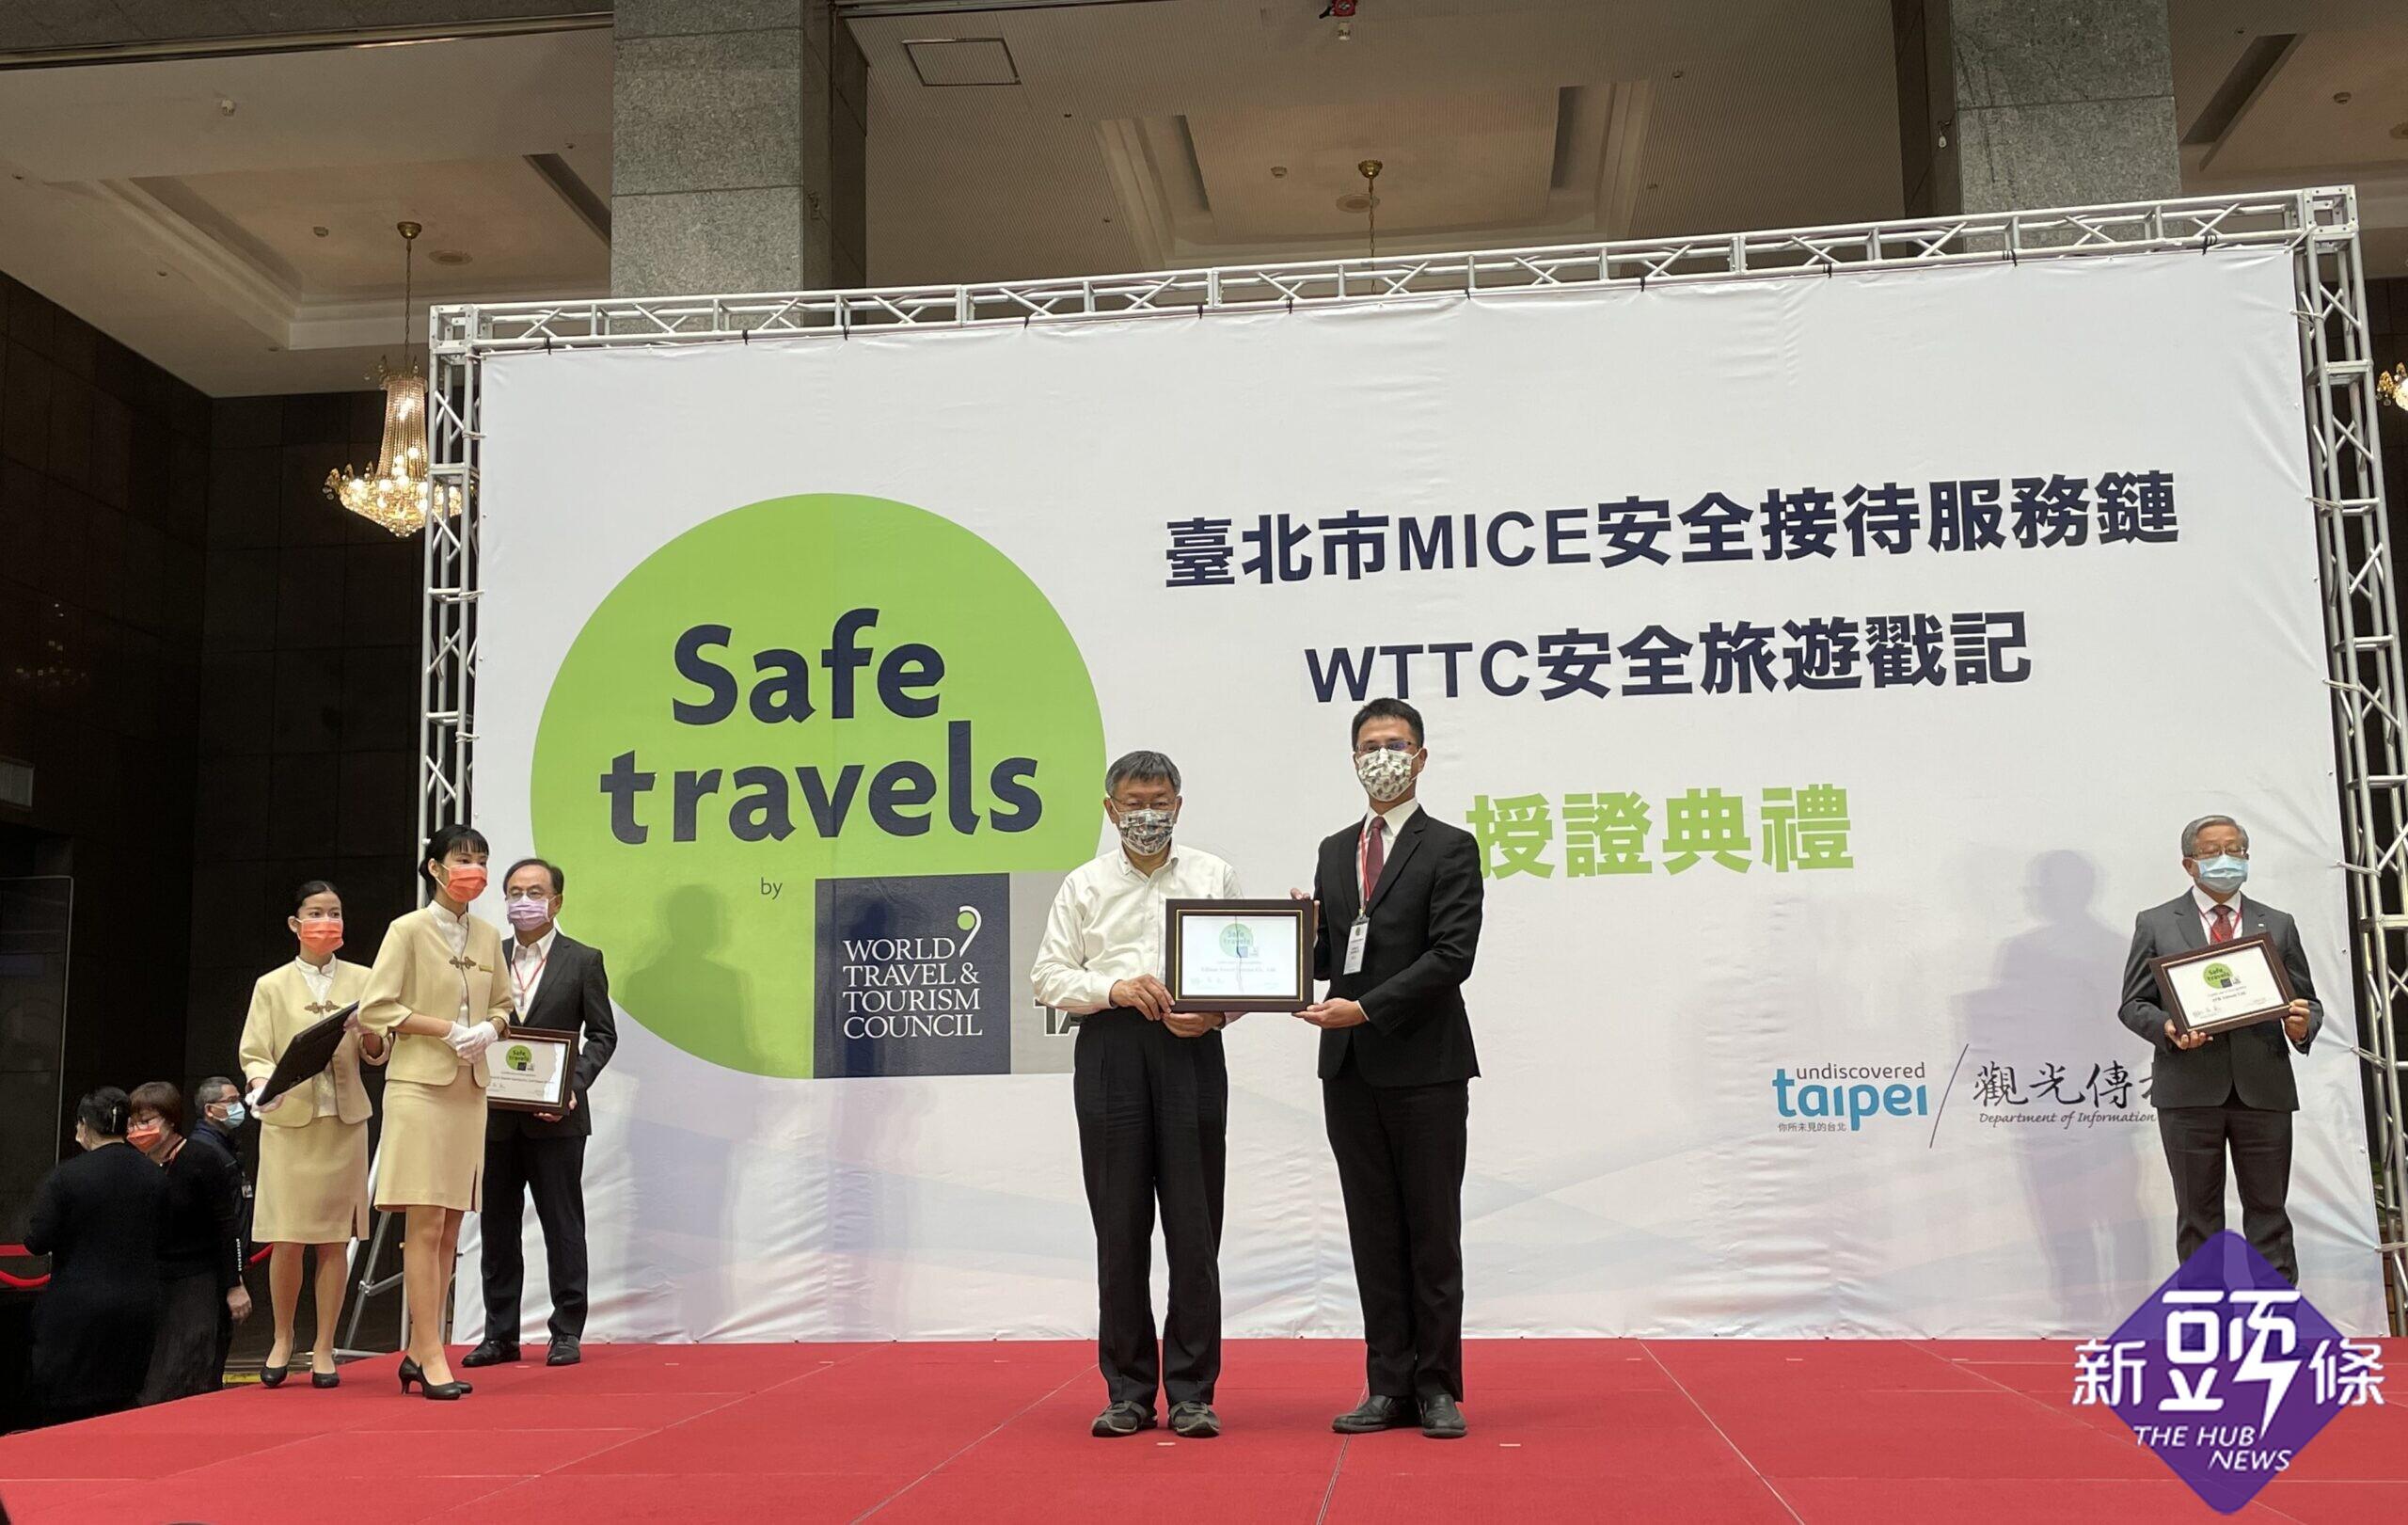 安全旅遊第一優先!選擇有安全旅遊戳記的旅行社 旅遊防疫有保障